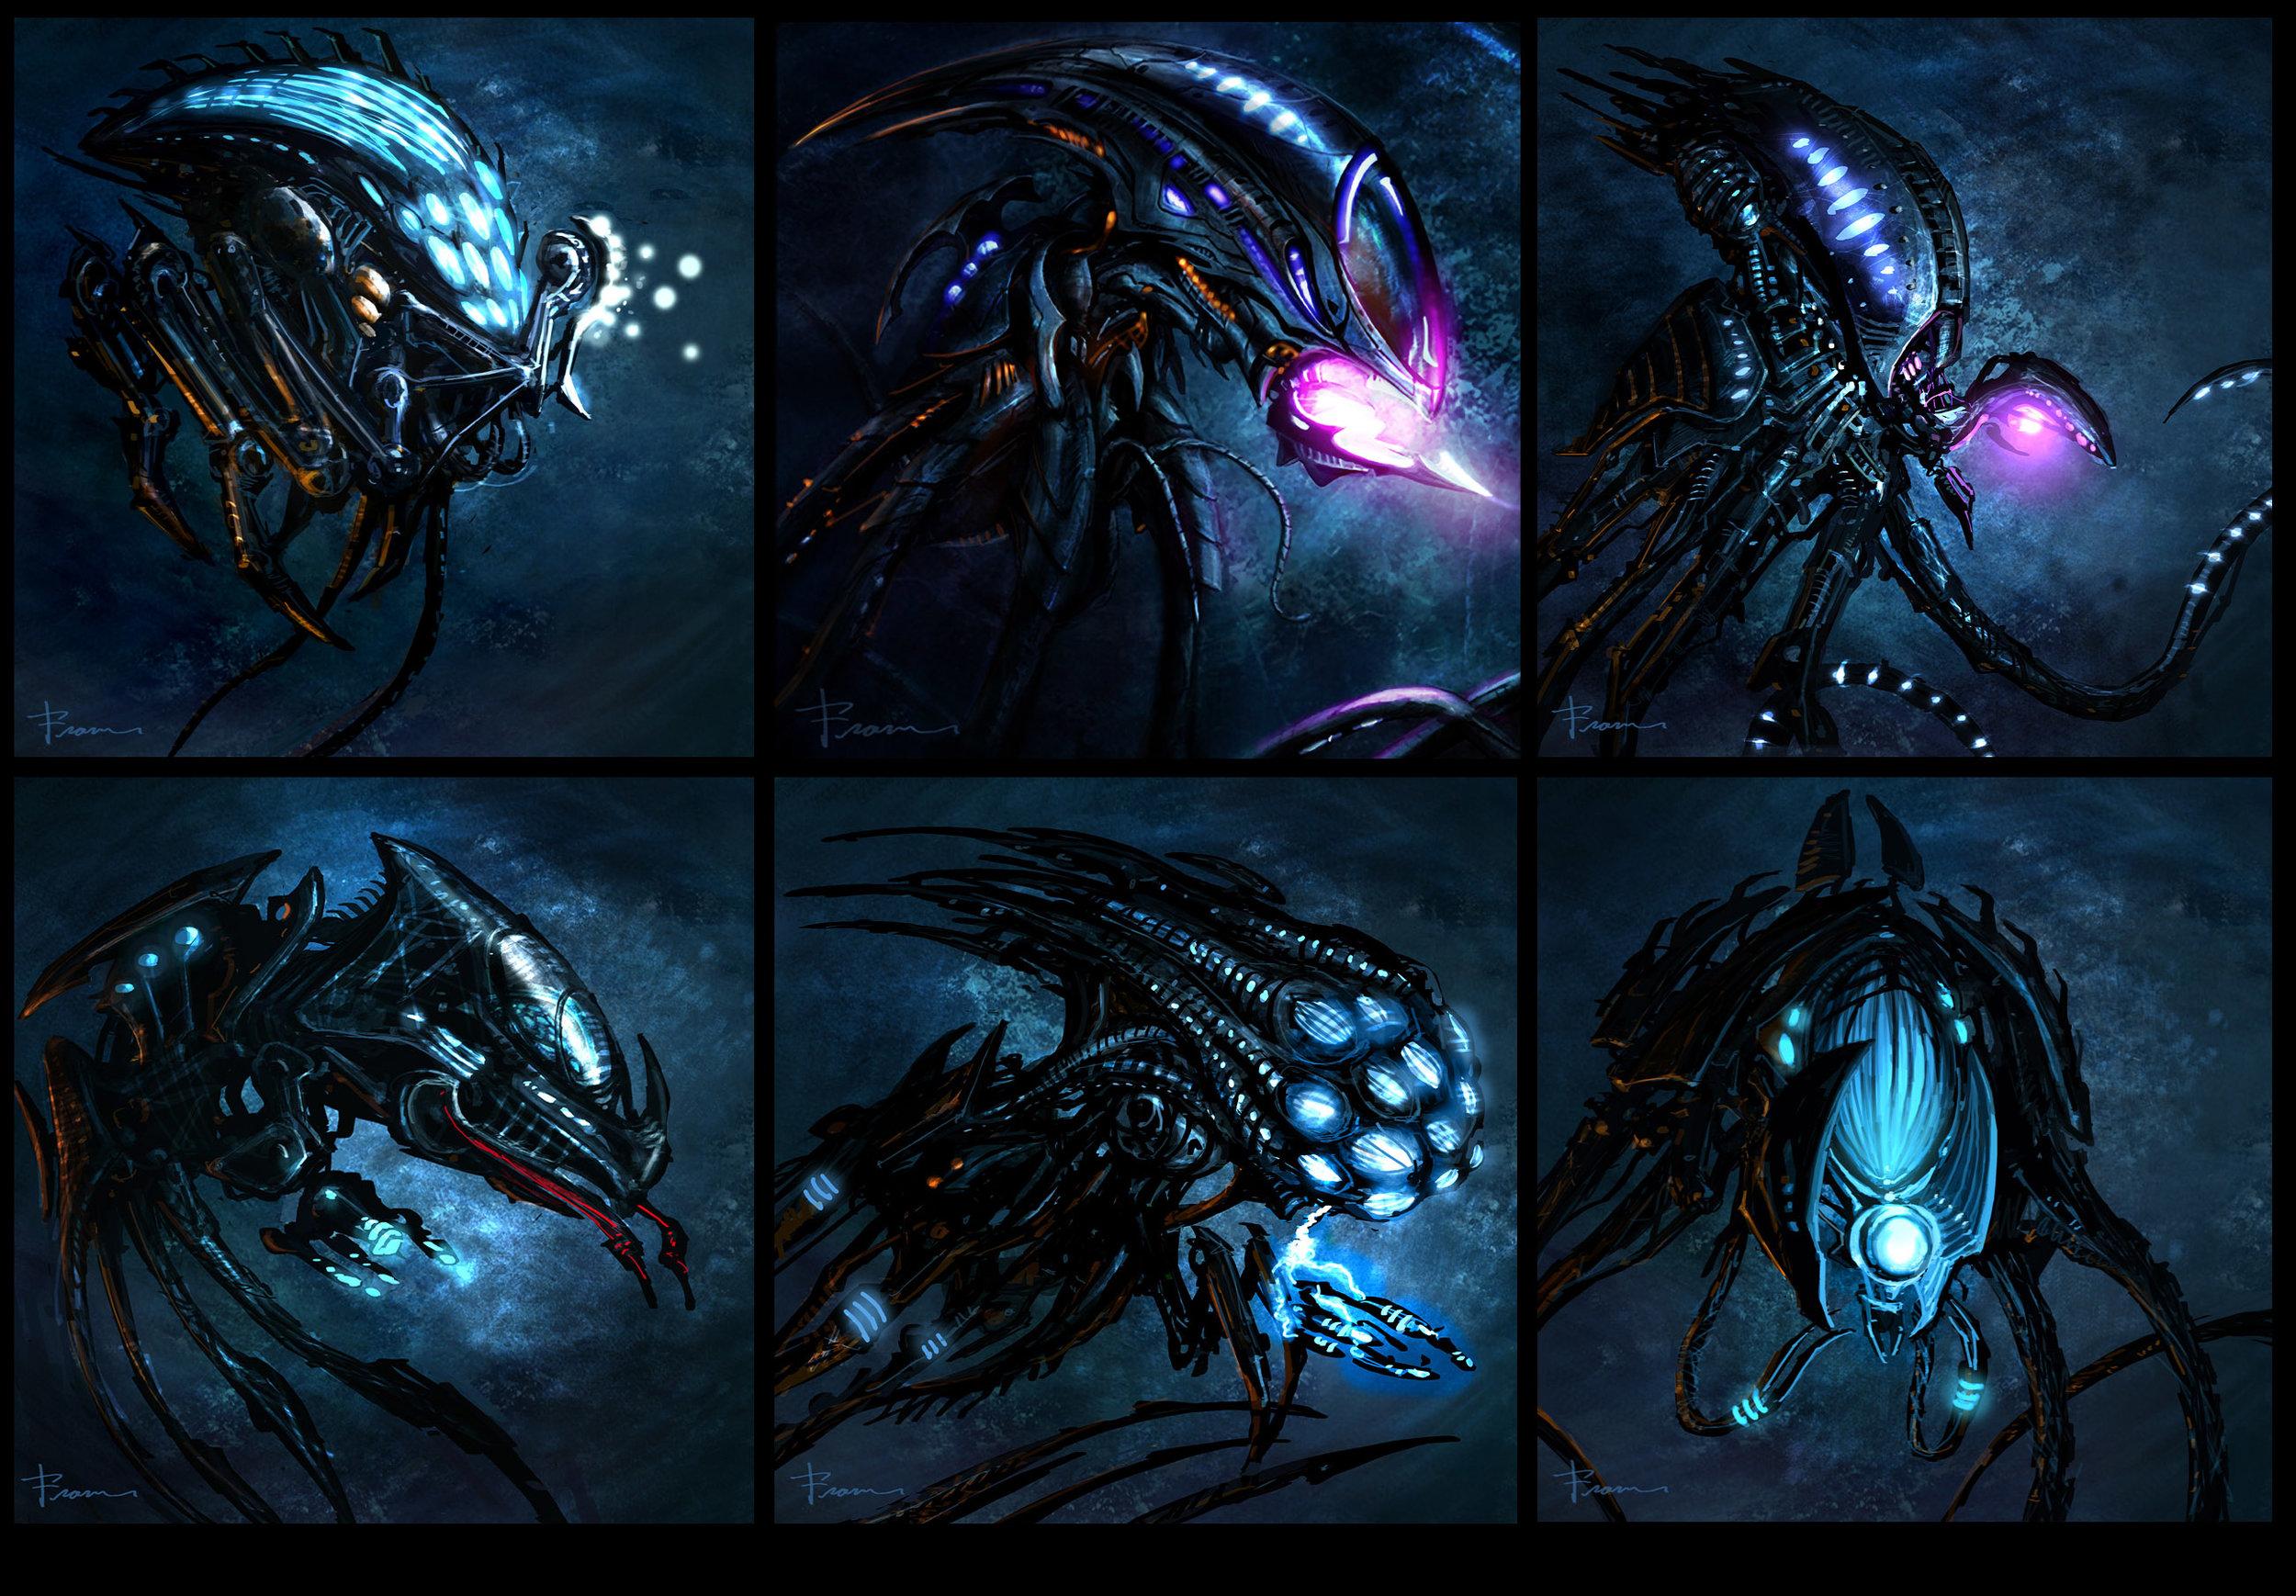 TJFRame-Art_Crysis-AlienThumbnails.jpg